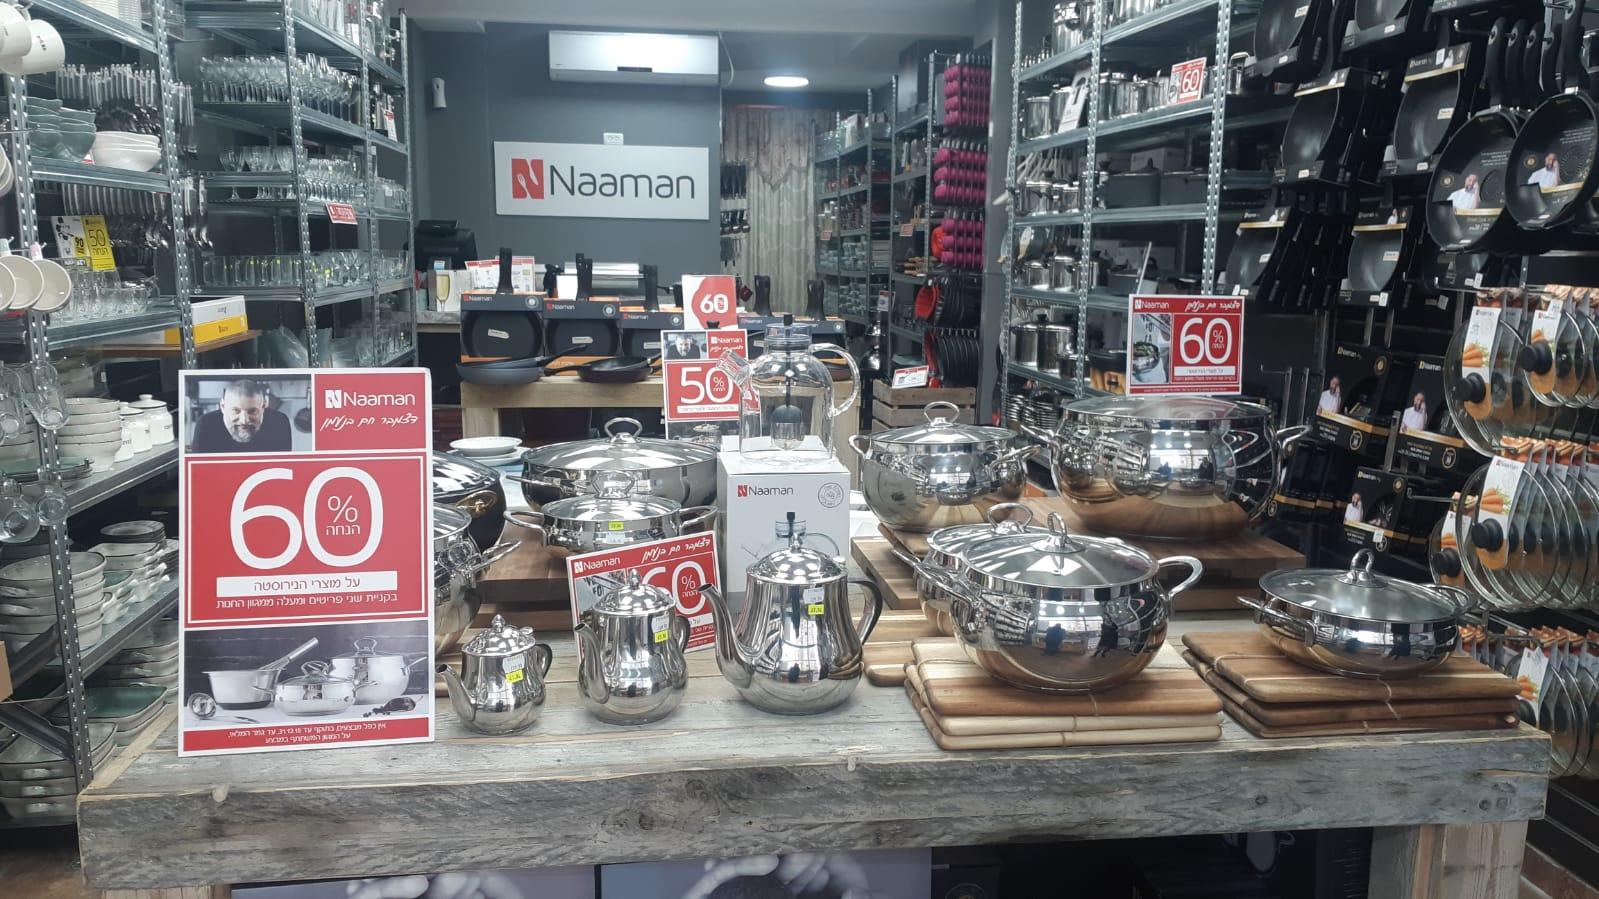 يافا: حملة تخفيضات واسعة بمناسبة افتتاح فرع جديد لمحلات نعمان للأدوات المنزلية